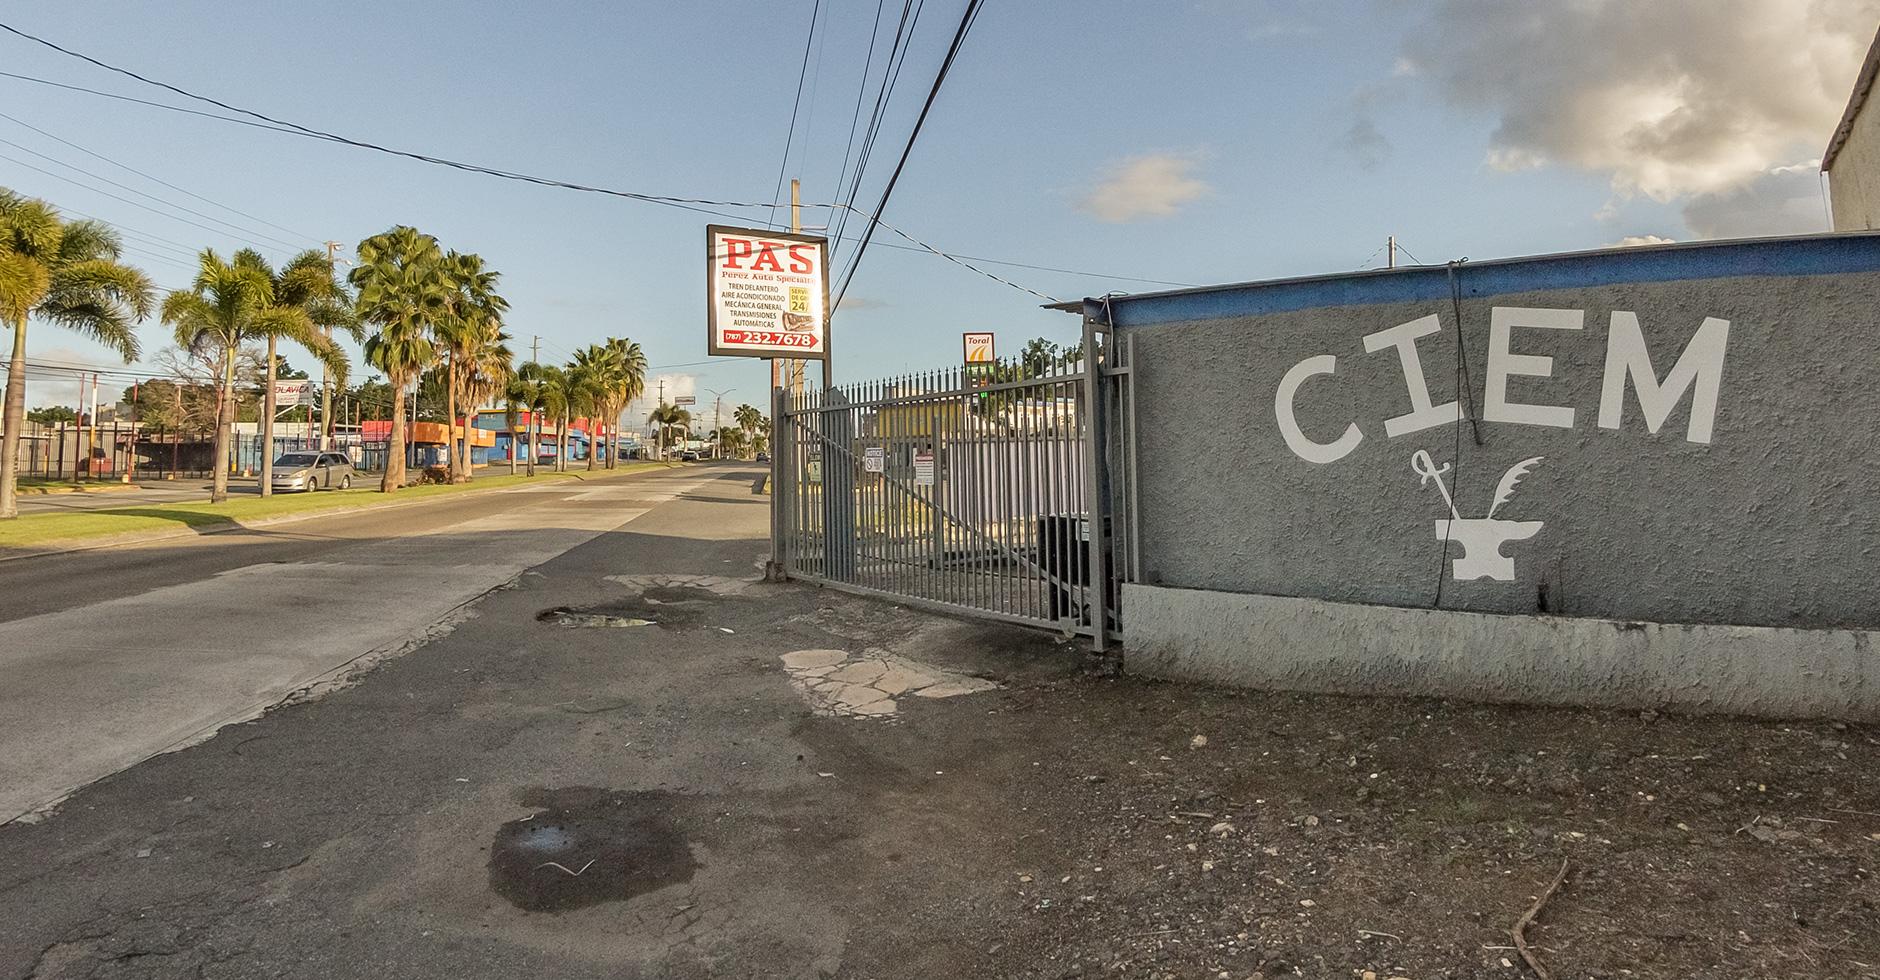 CIEM (Centro de Instrucción y Educación Moderna)